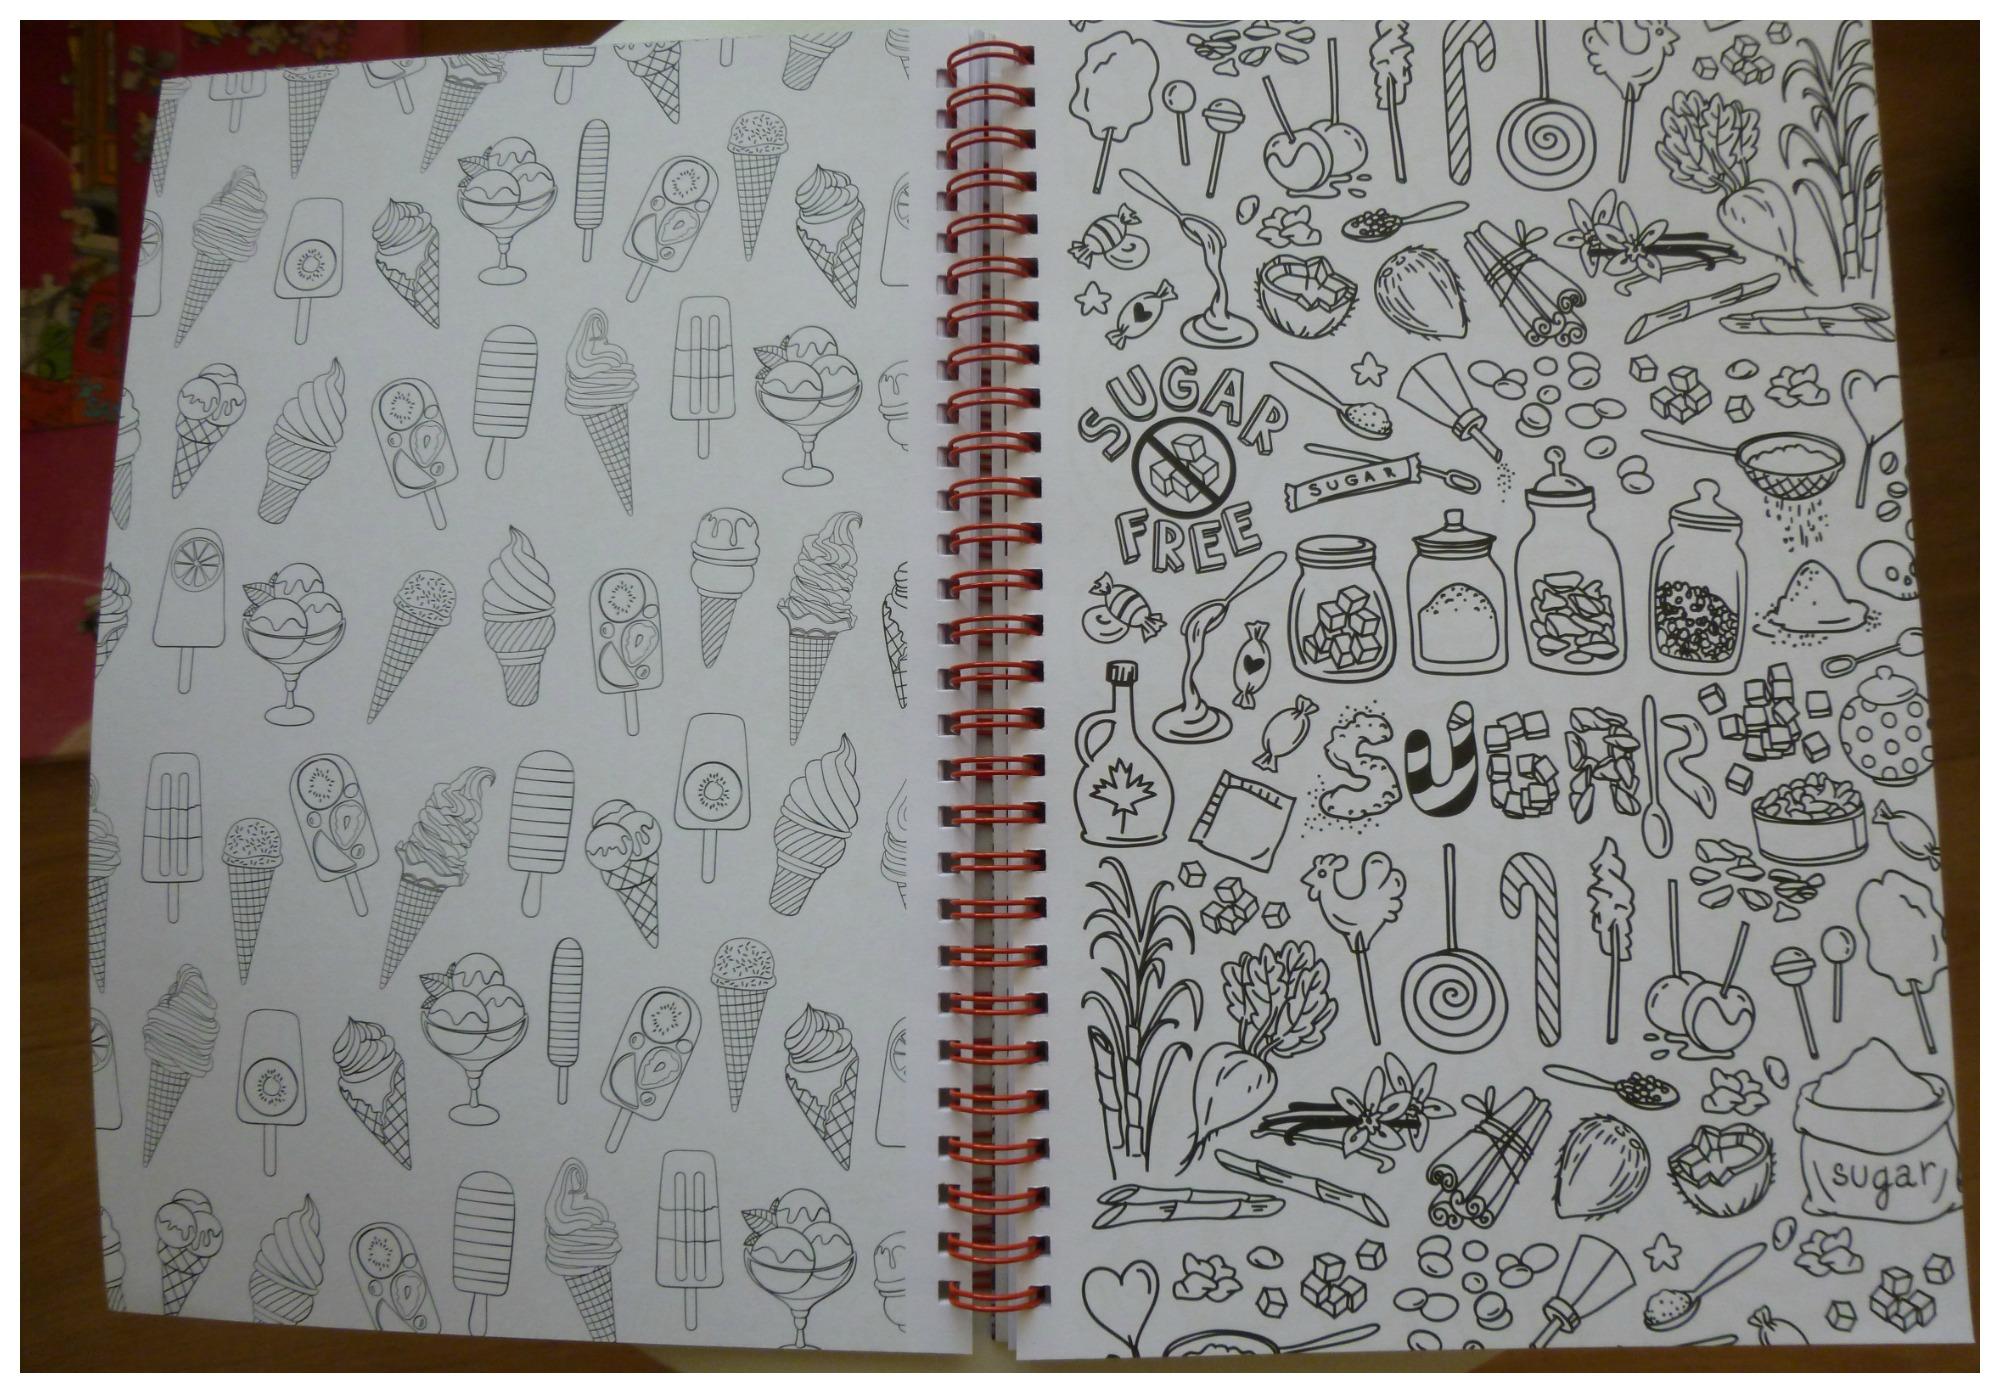 Kleurplaten Volwassenen Abstract.Het Enige Echte Kleurboek Voor Volwassenen Met Een Ringband